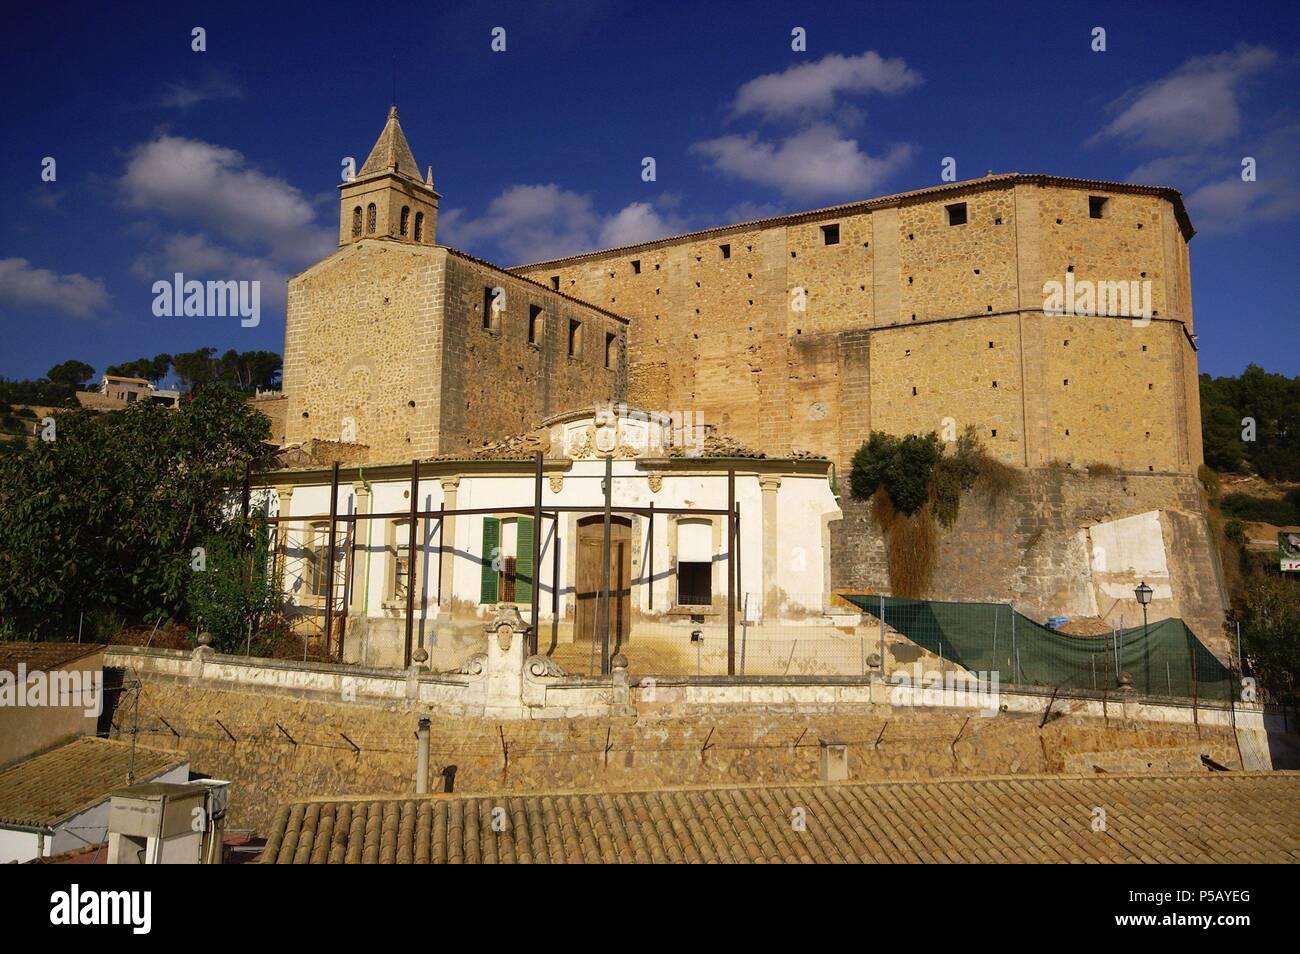 Iglesia parroquial fortificada,Andratx.Comarca de Ponent. Mallorca .Baleares. España. - Stock Image